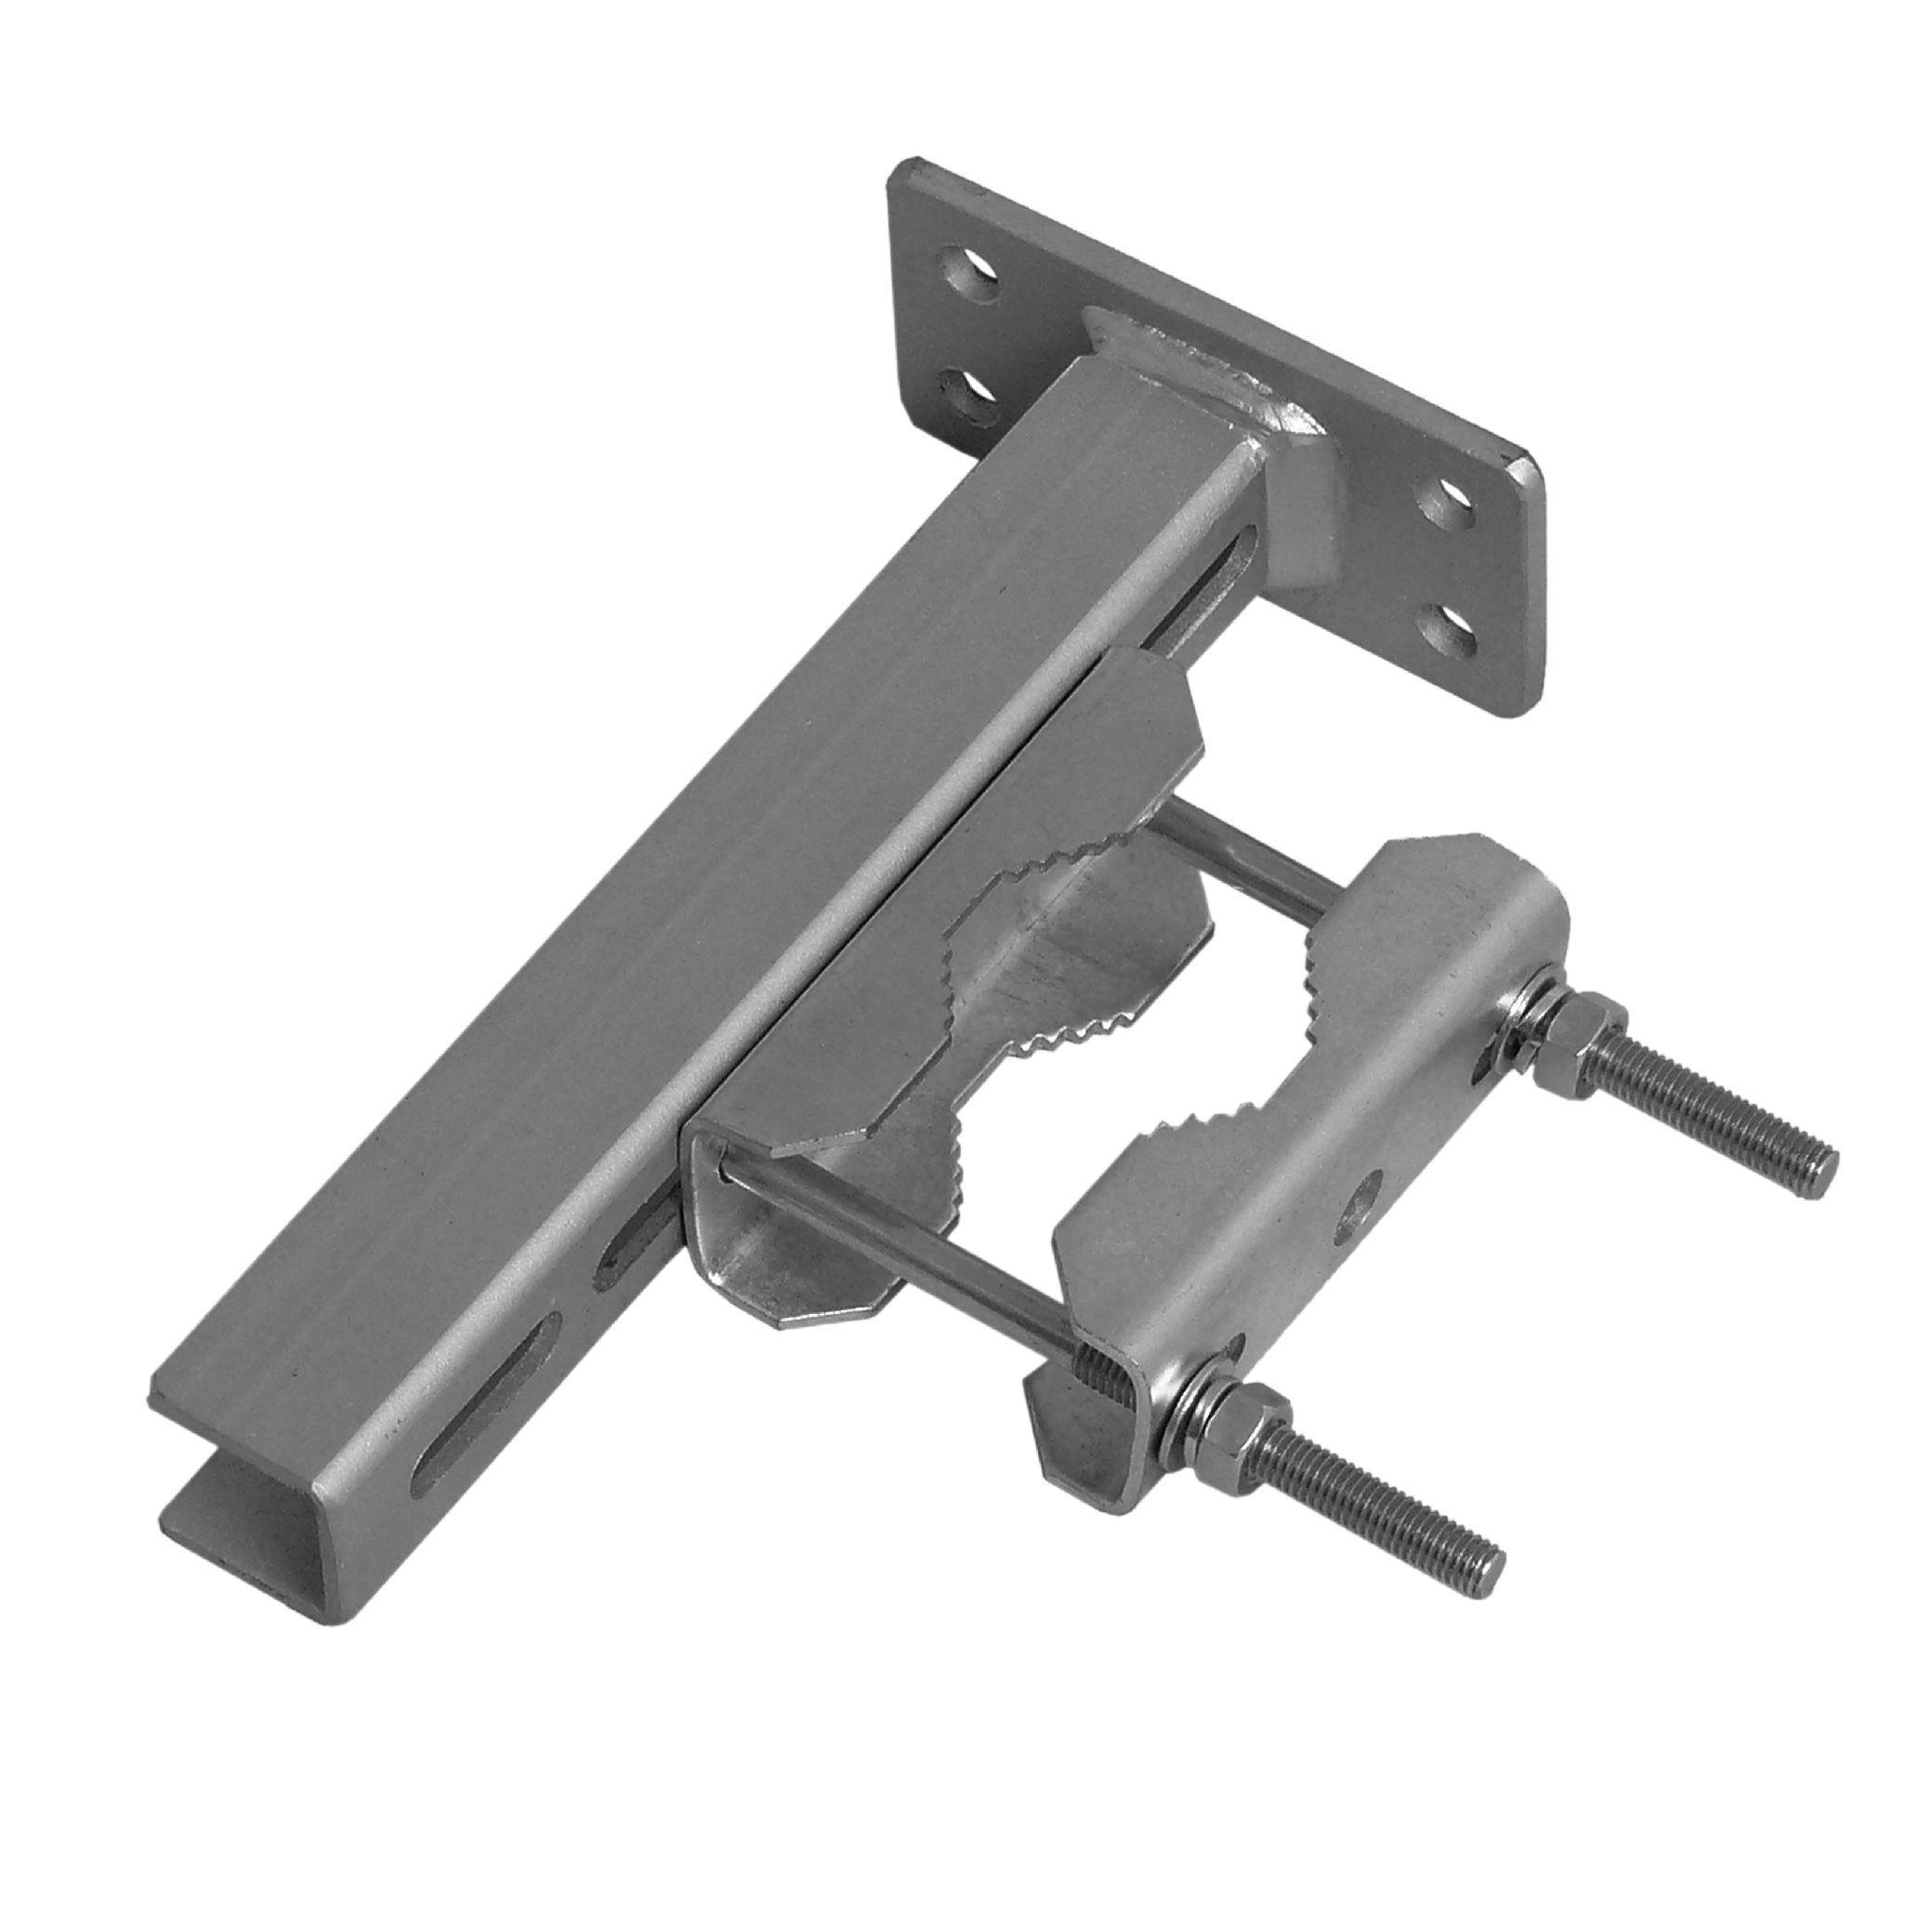 1 Stk SAT Mastschelle für Mastdurchmesser 38-60mm, Stahl verzinkt HSATMS60S-